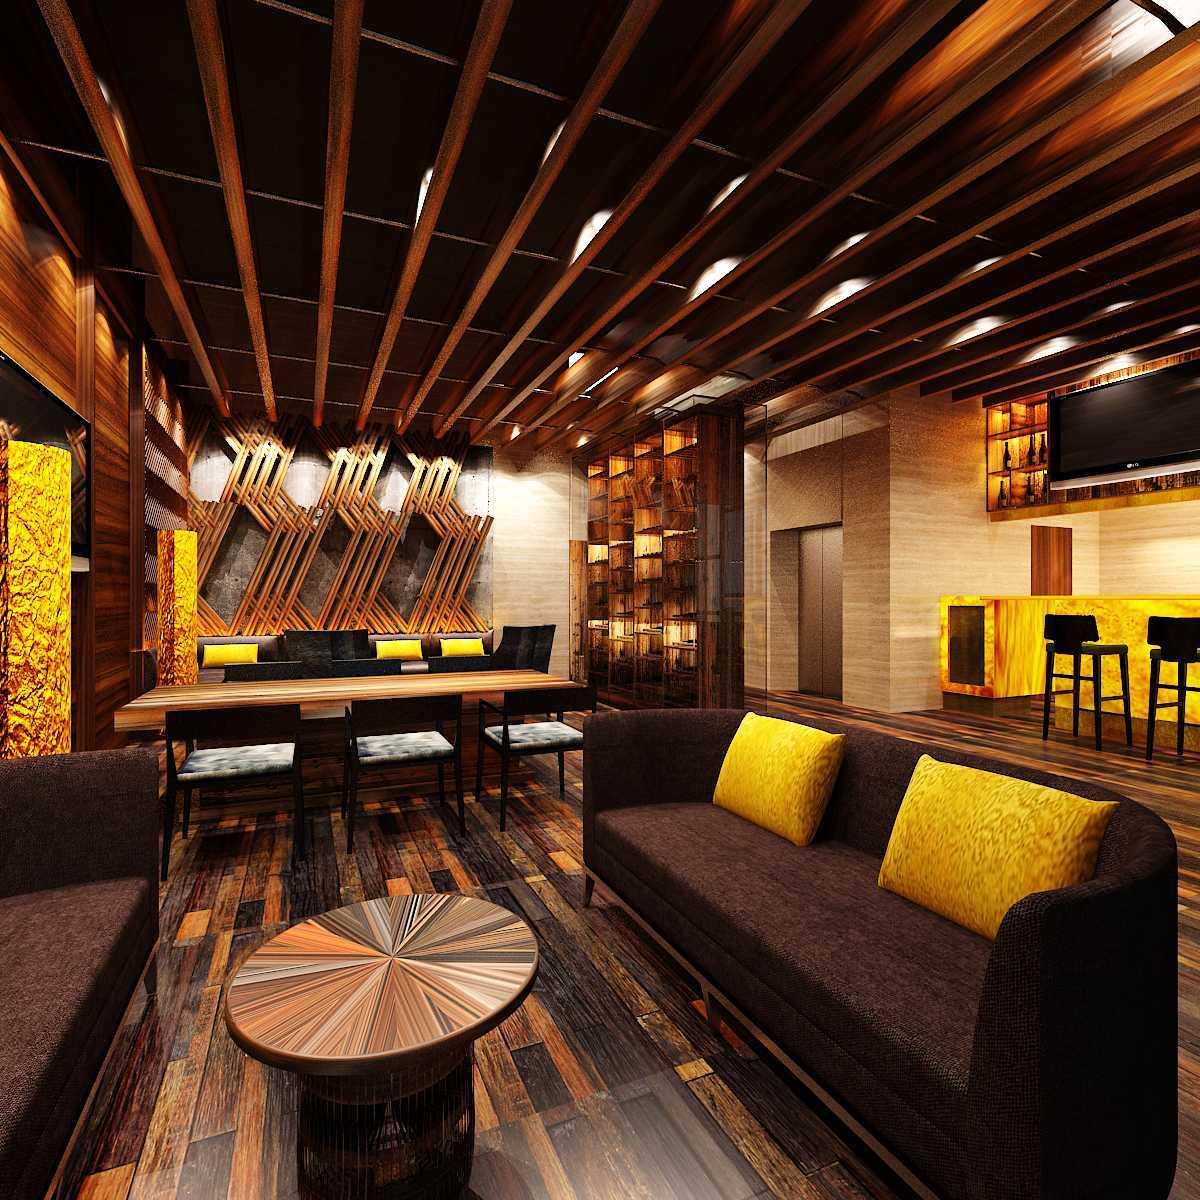 Pt Alradista Desain Indonesia Camar Lounge Pantai Indah Kapuk Pantai Indah Kapuk Seating Area  24232